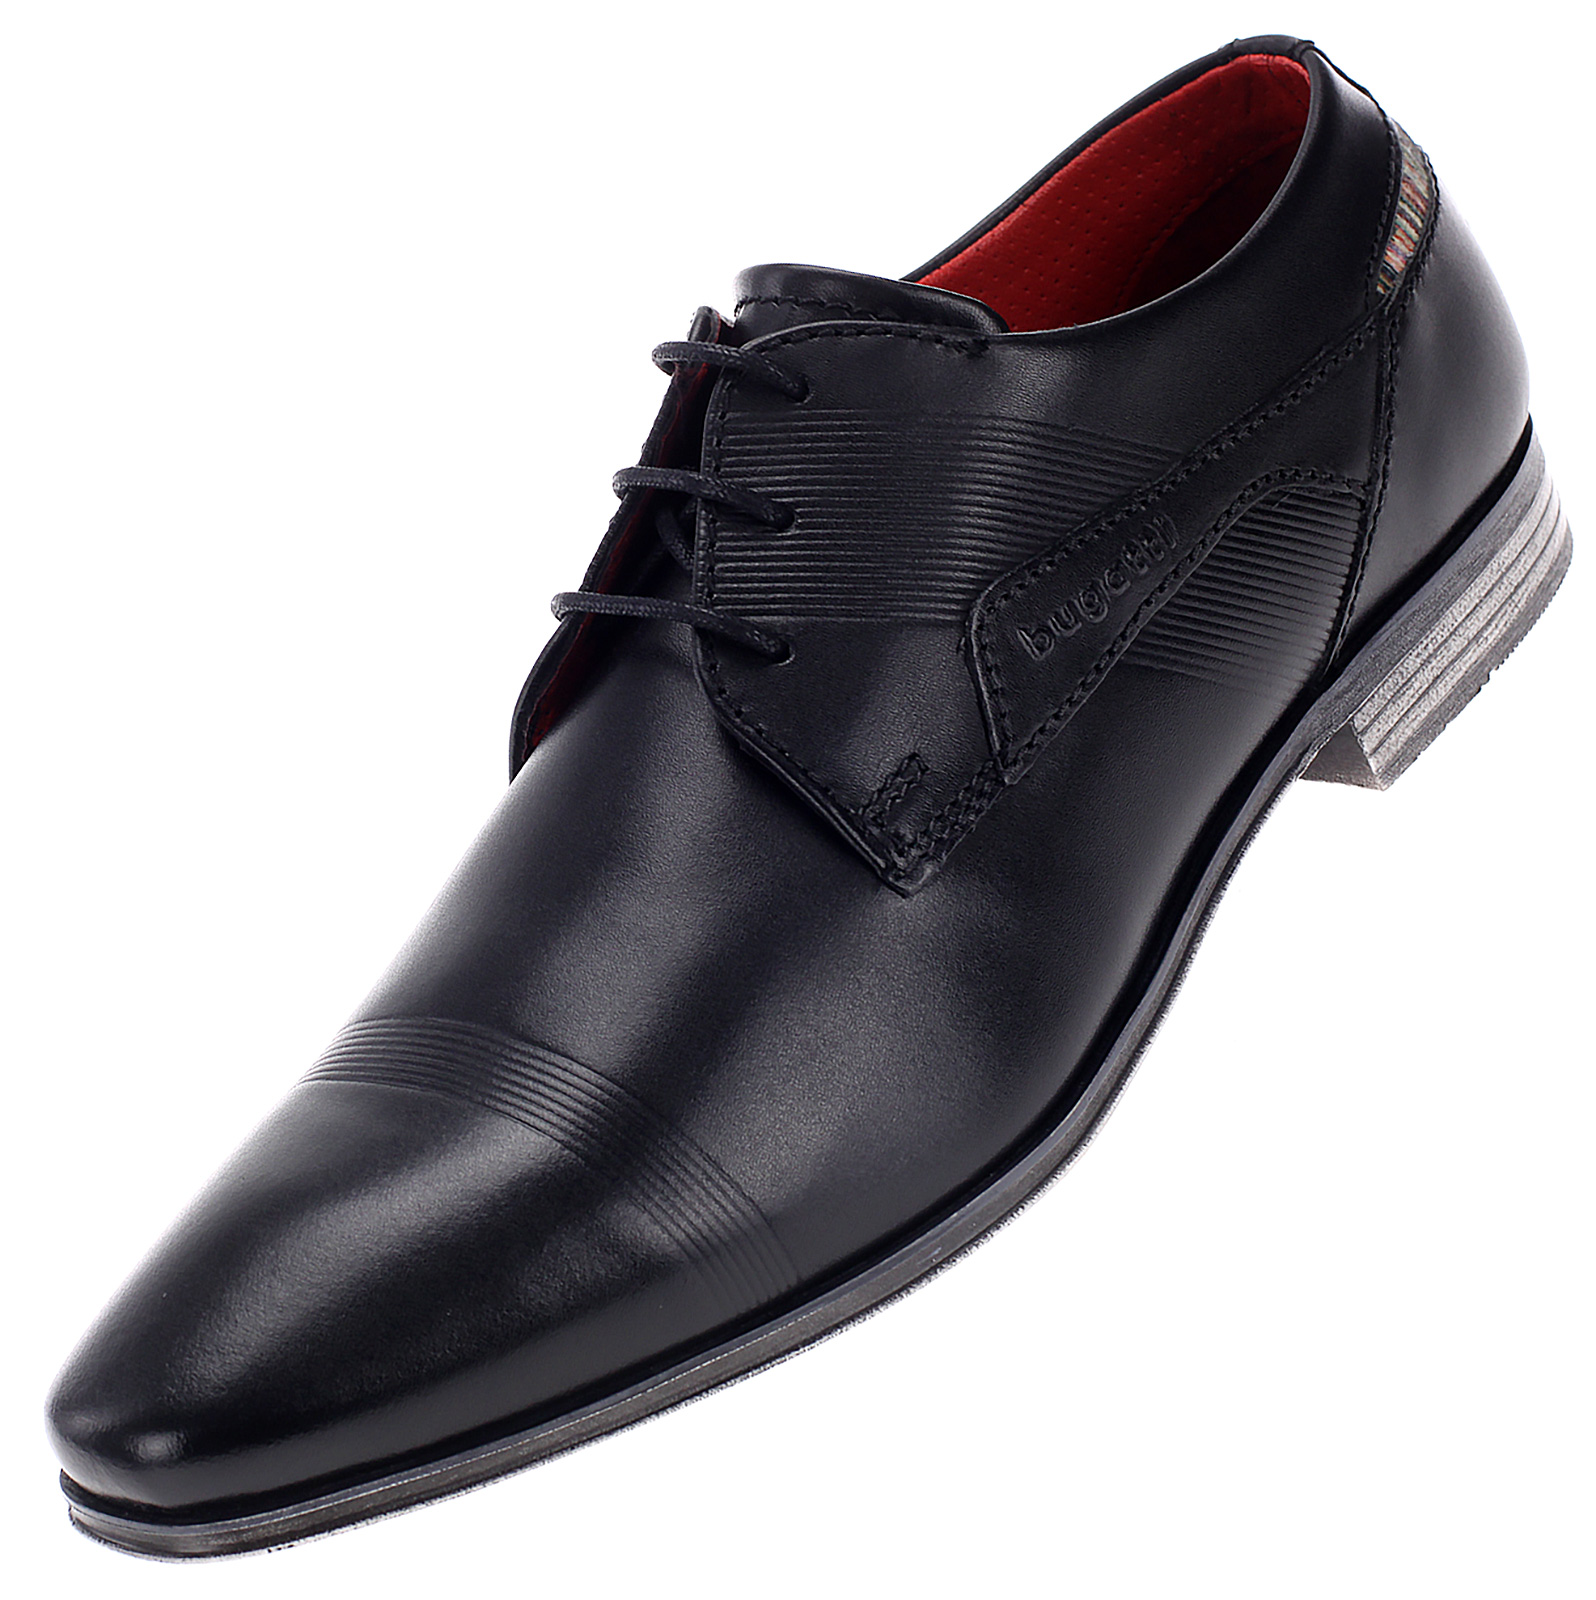 Bugatti Herren Business Schuhe Halbschuhe Derbys Leder Schnürschuh 42008 Schwarz